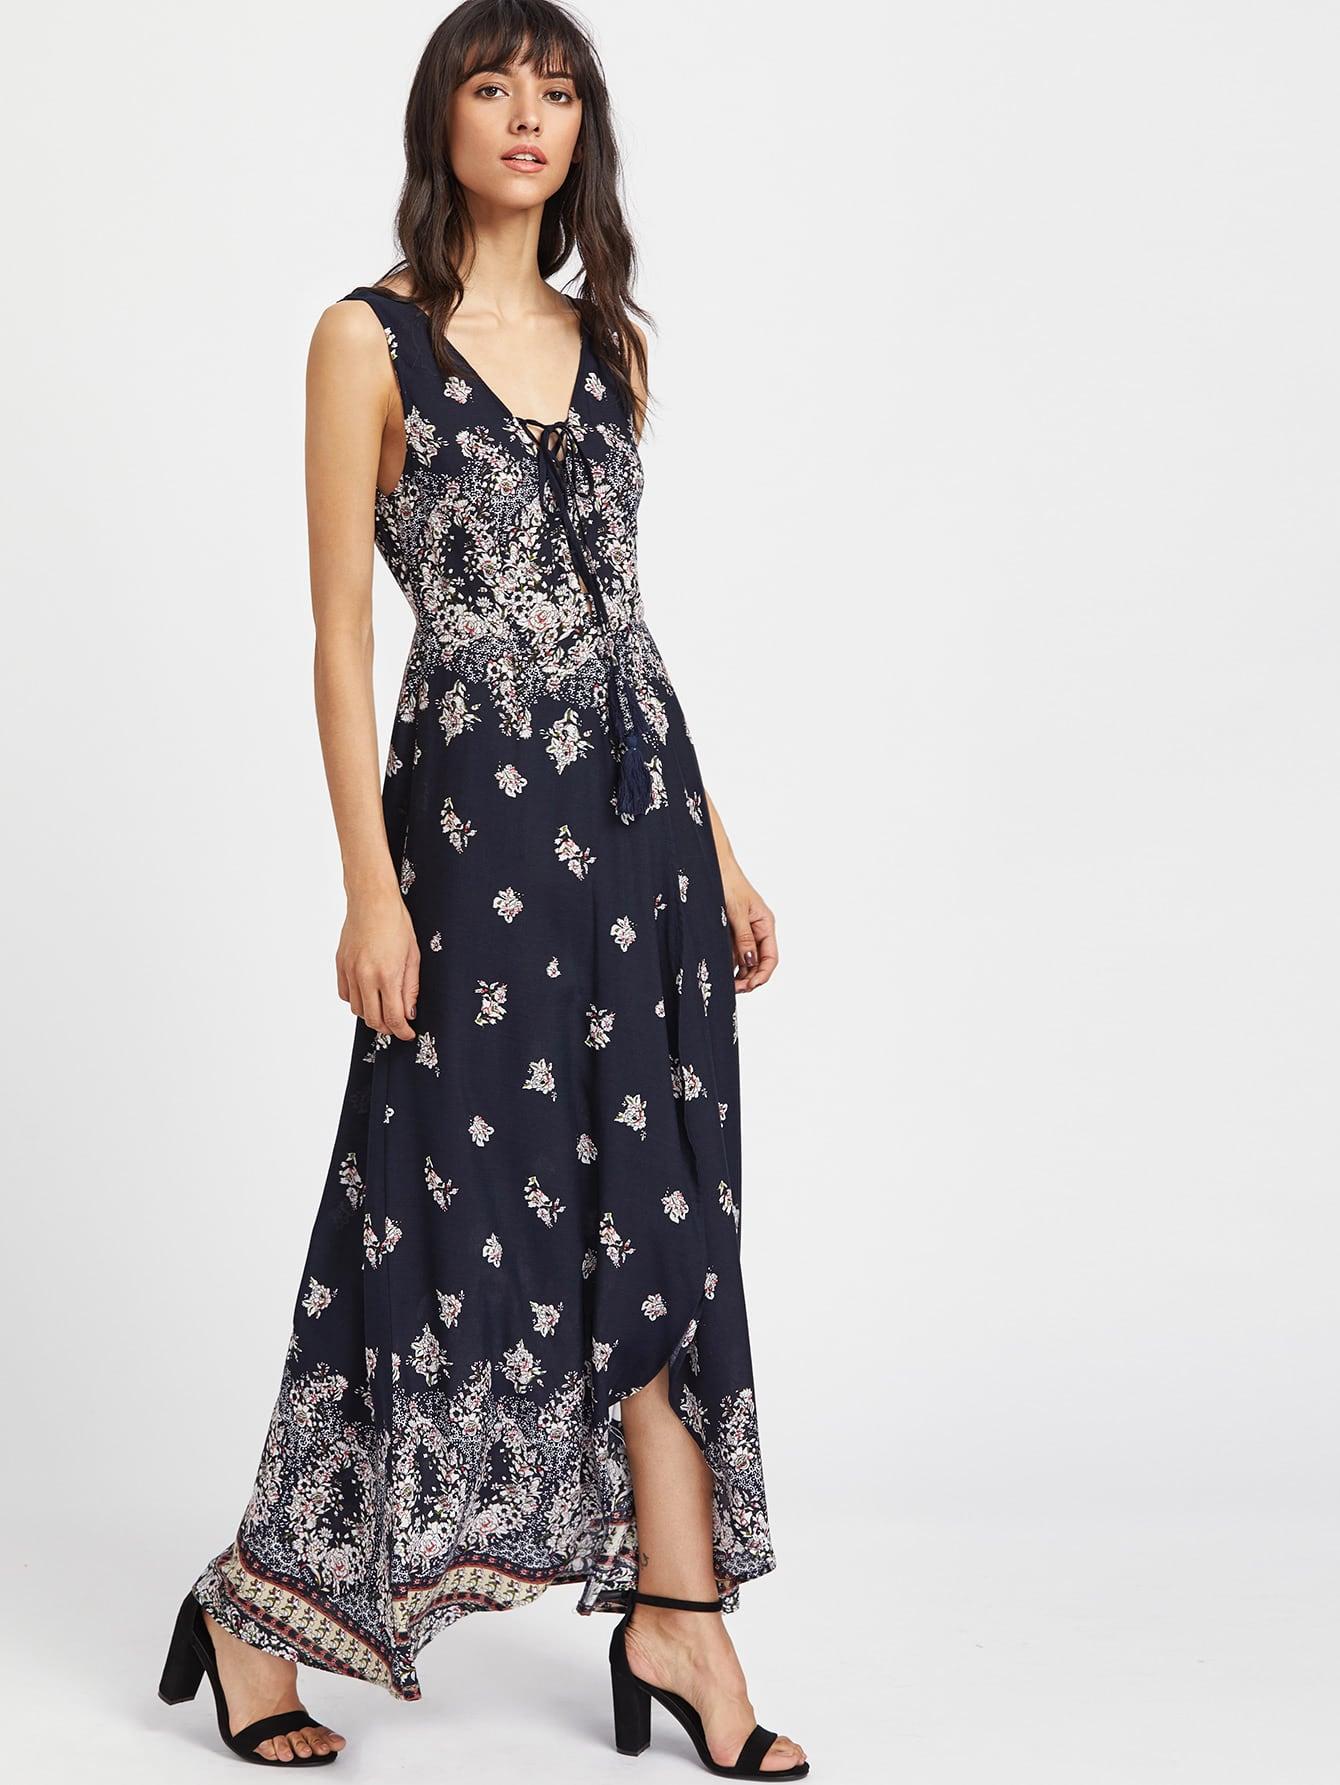 Floral Print Lace Up Plunge Neck Maxi Wrap Dress dress170407708